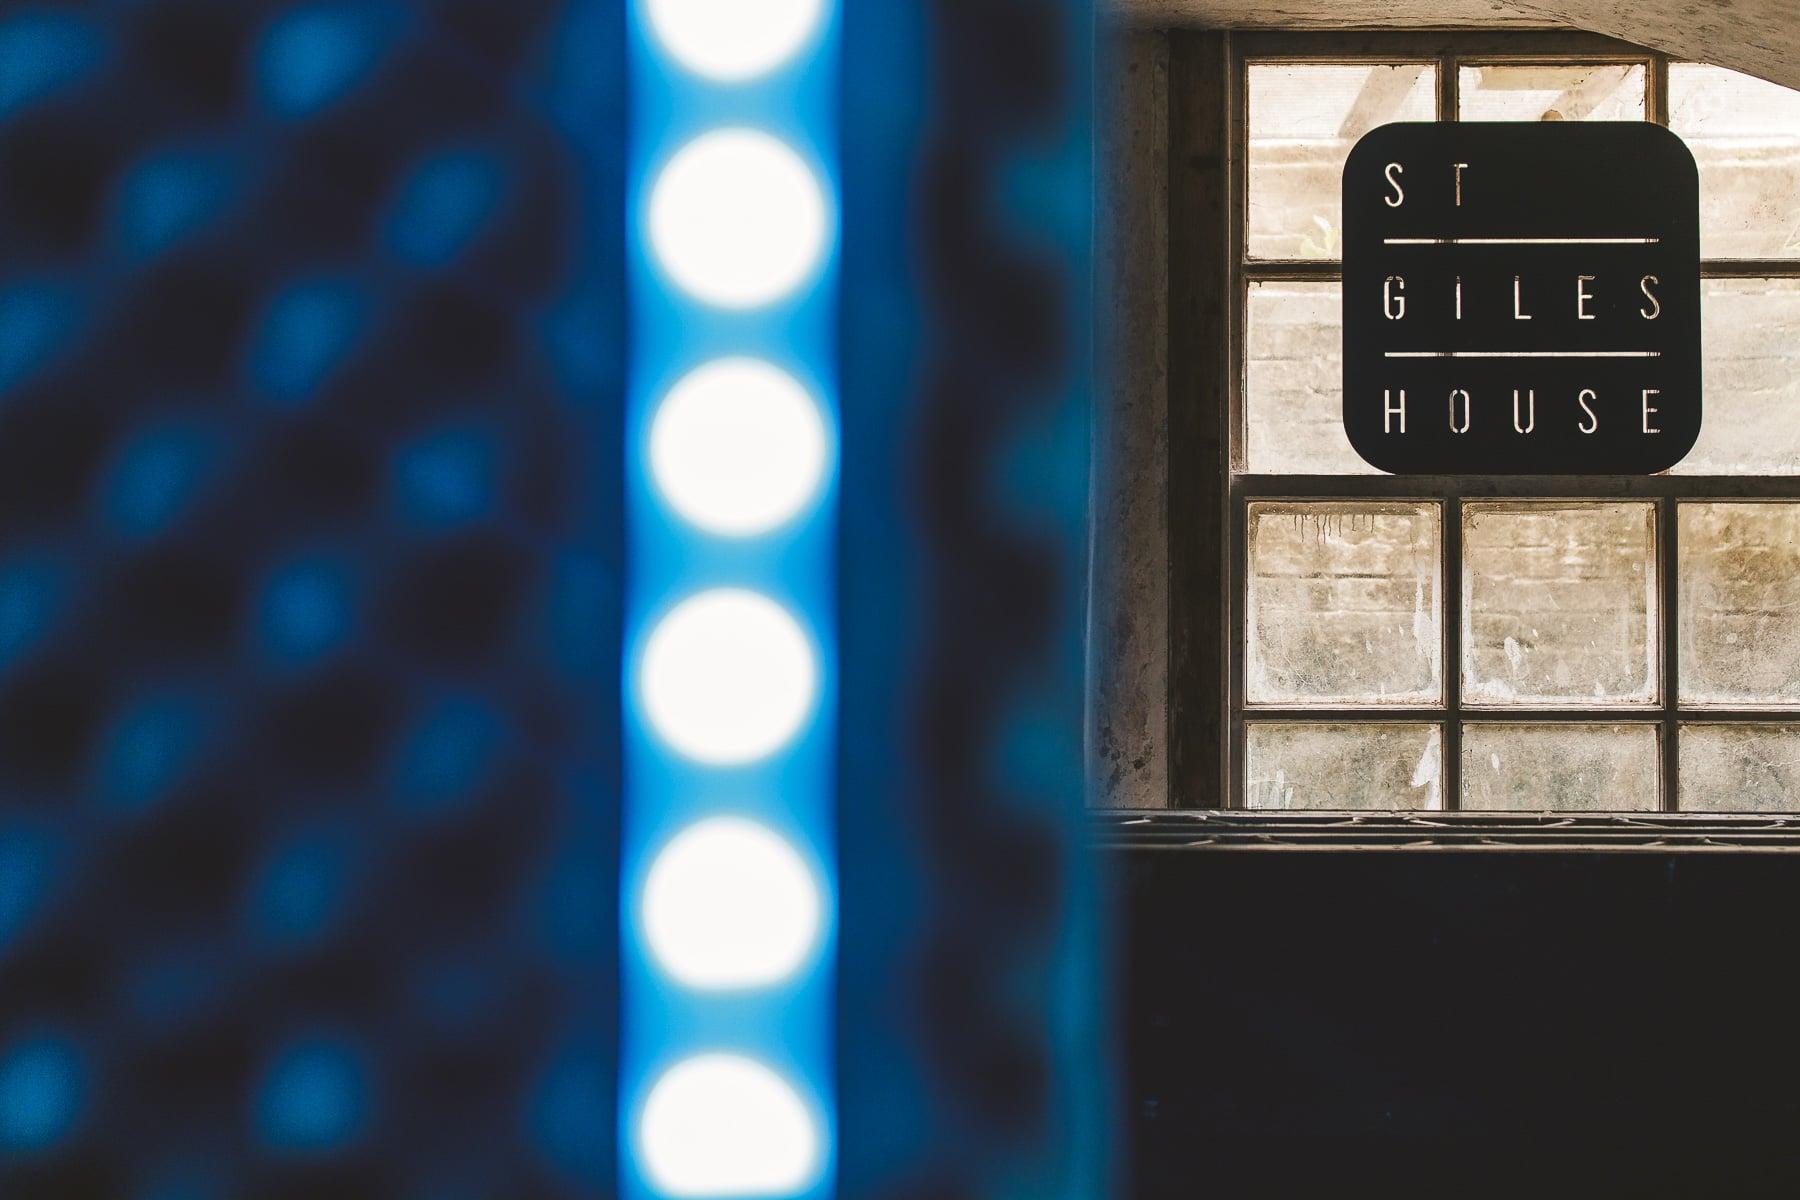 St-Giles-House-wedding-basement-nightclub